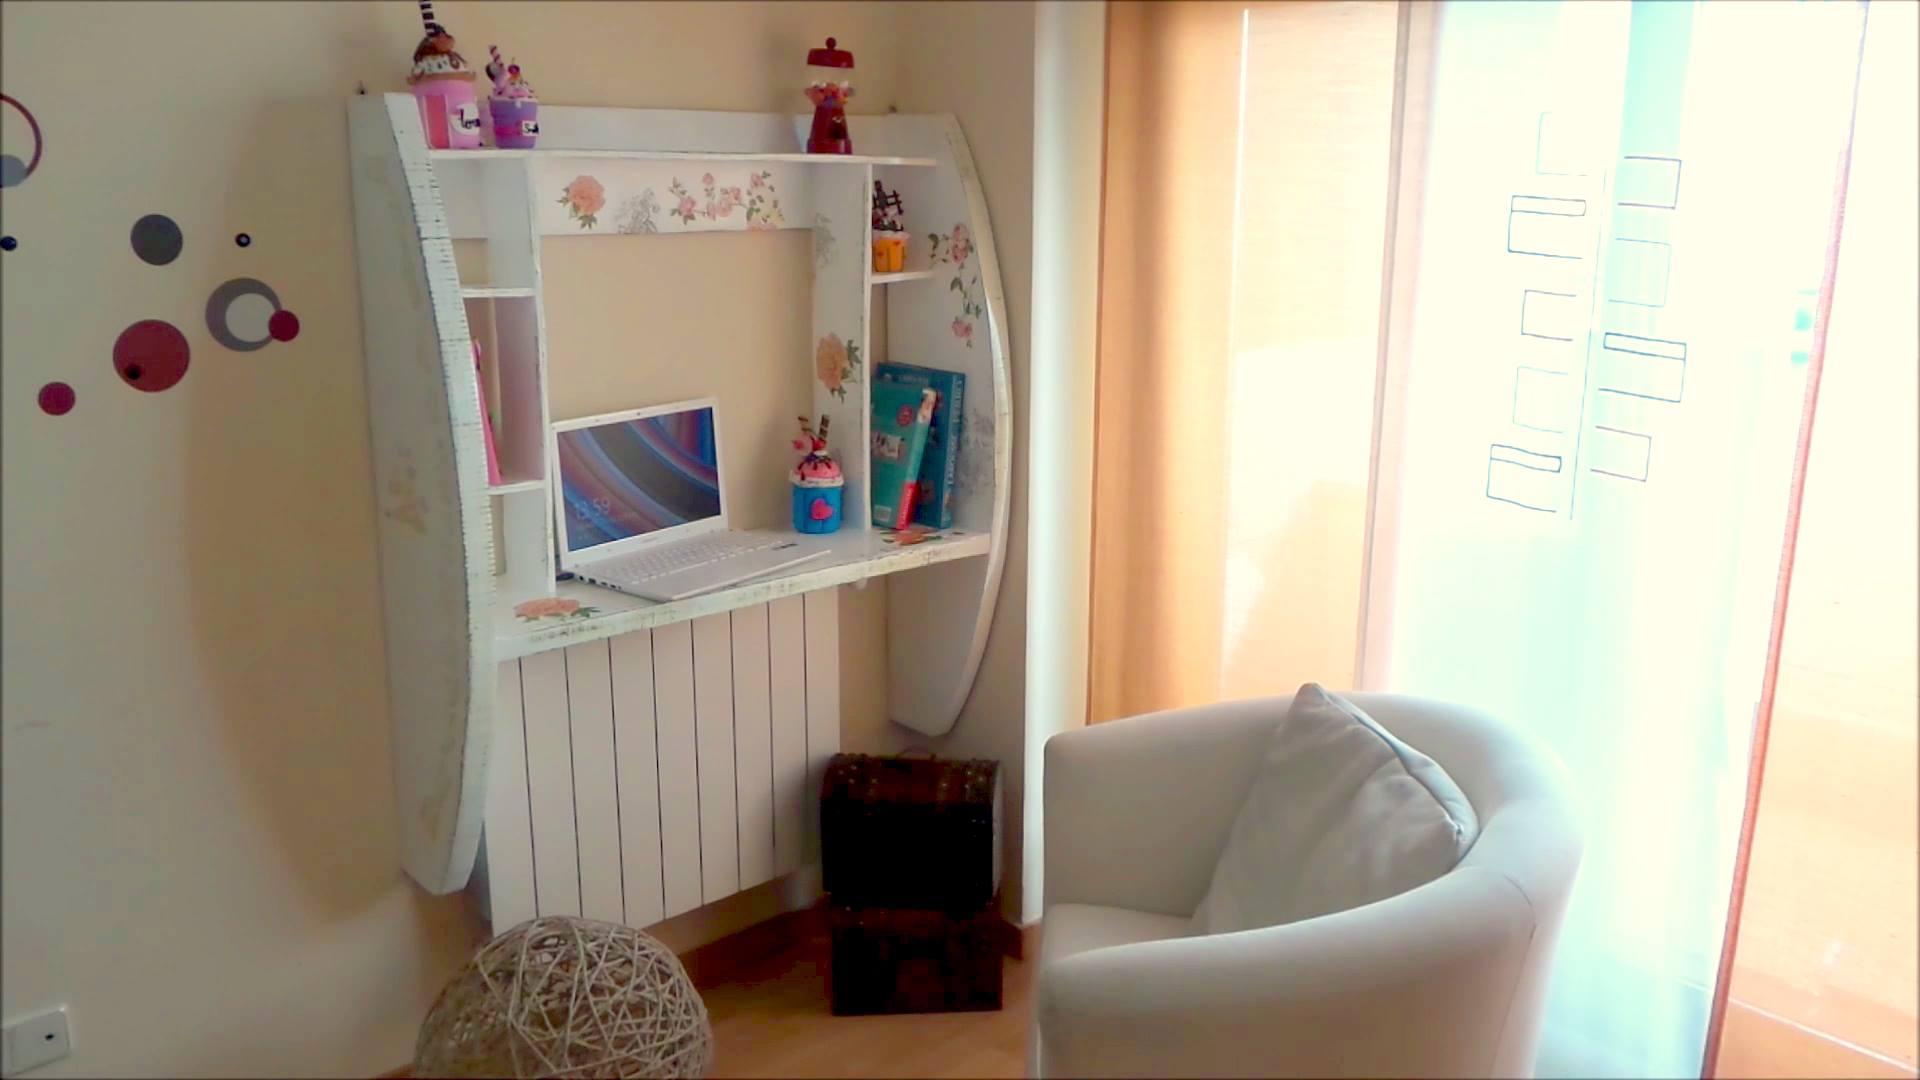 Mueble De Pared Hecho Con Cart N Patrones Gratis # Muebles Punto Paso